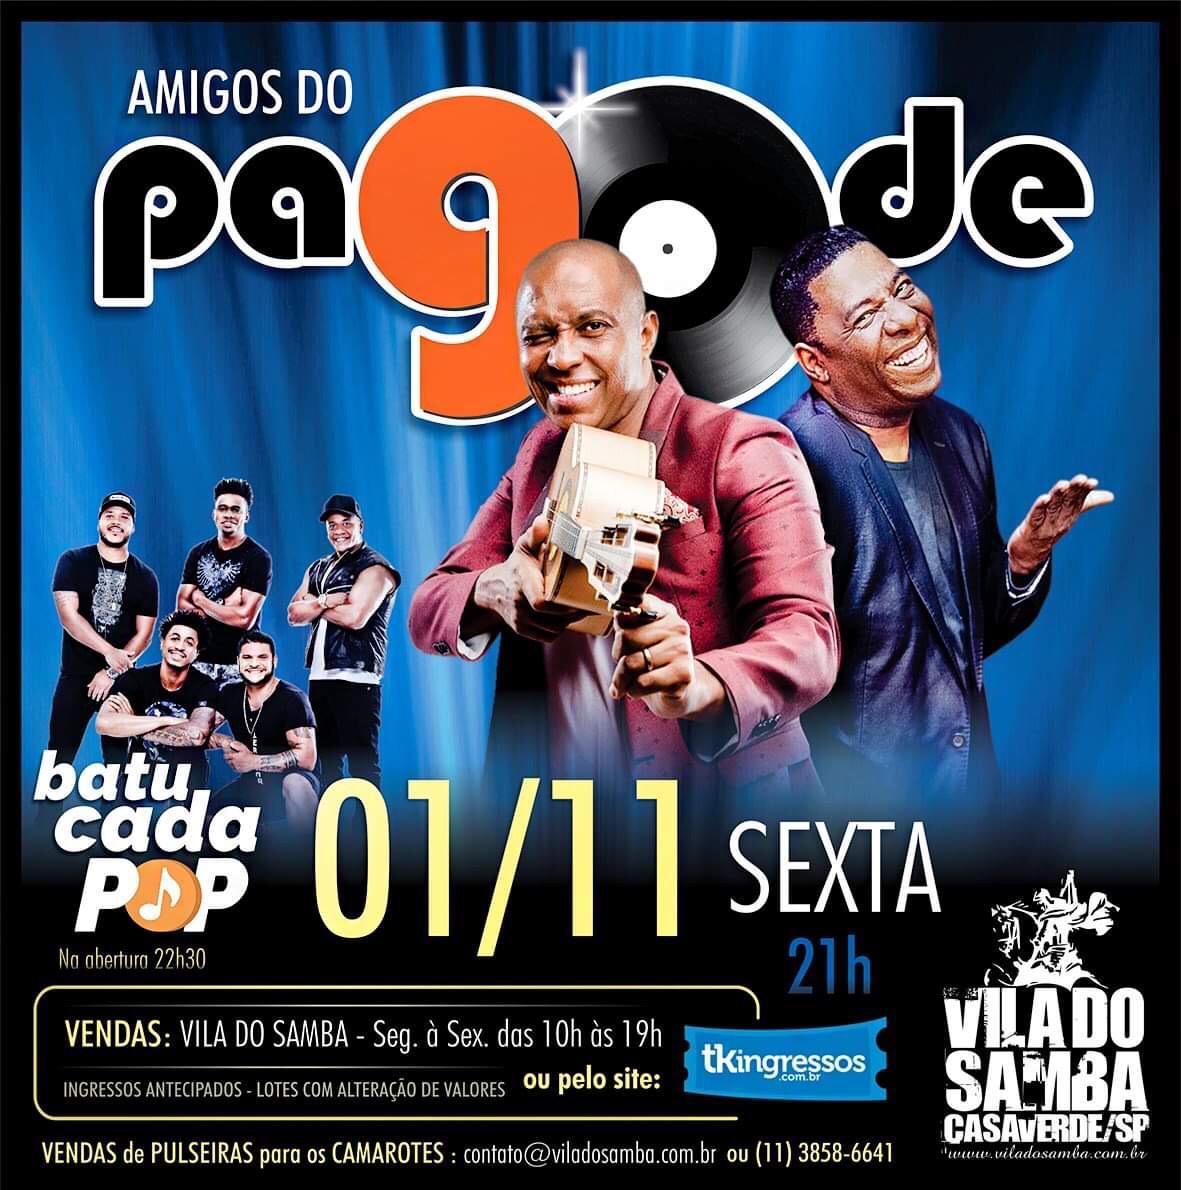 Pagode 90 - Vila do Samba - 01/11/19 - São Paulo - SP